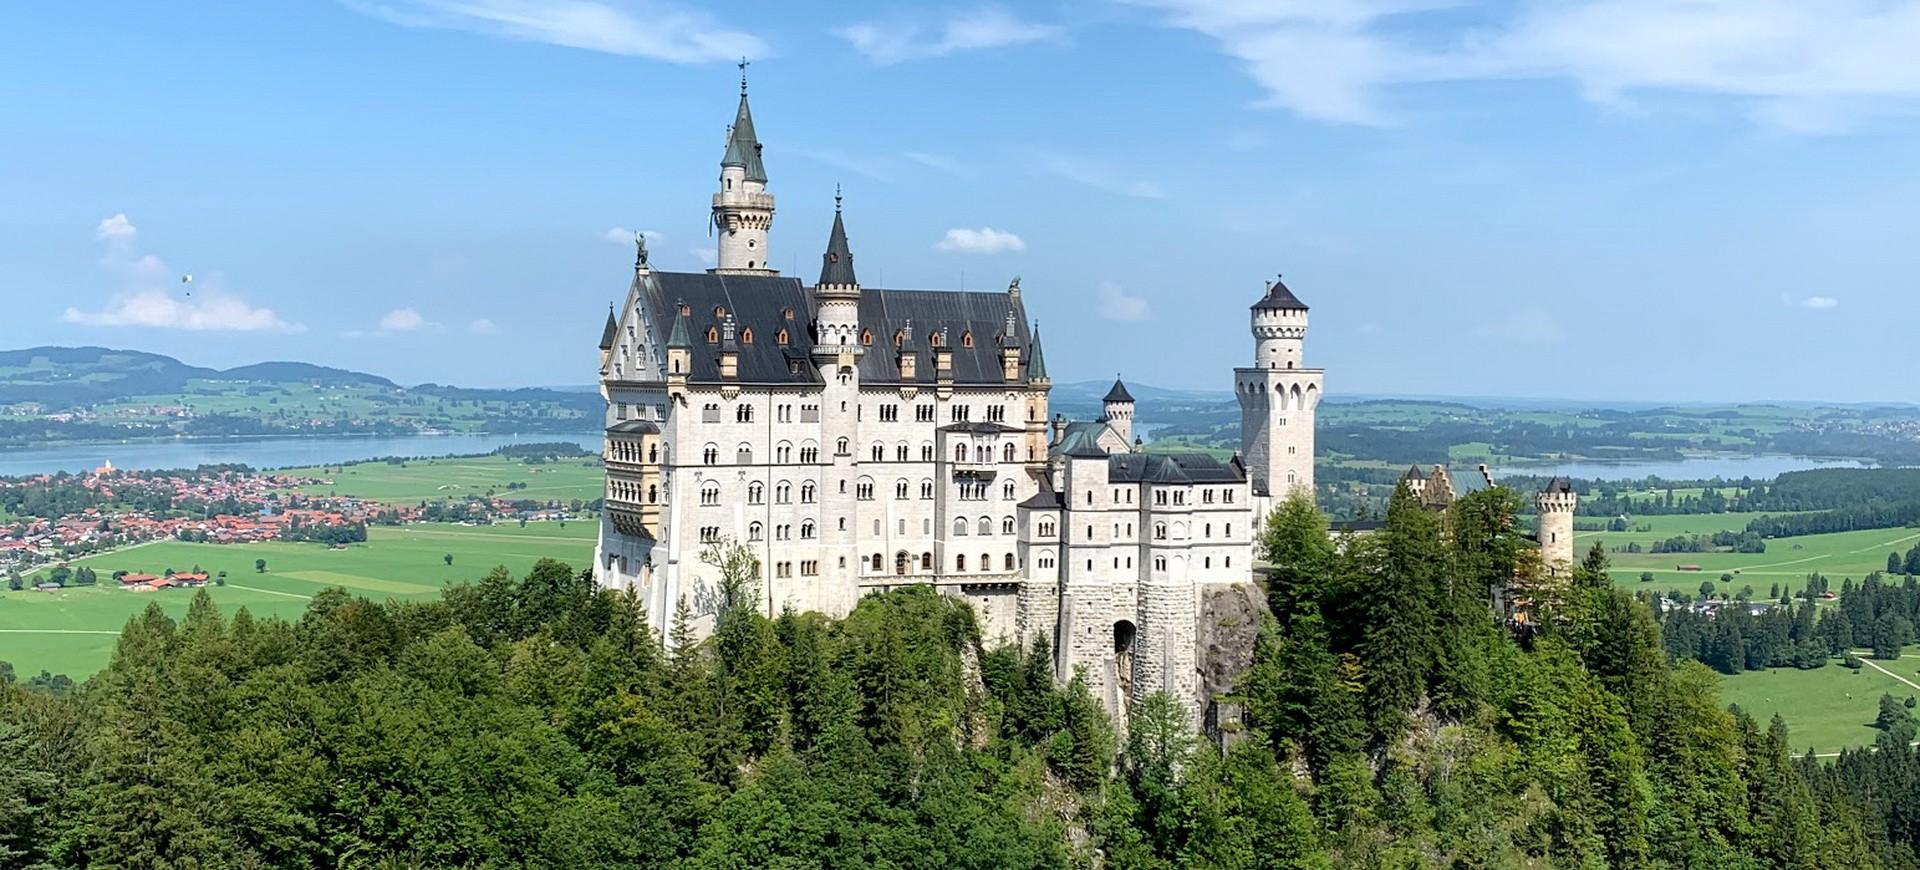 Allemagne Fussen Château Neuschwanstei